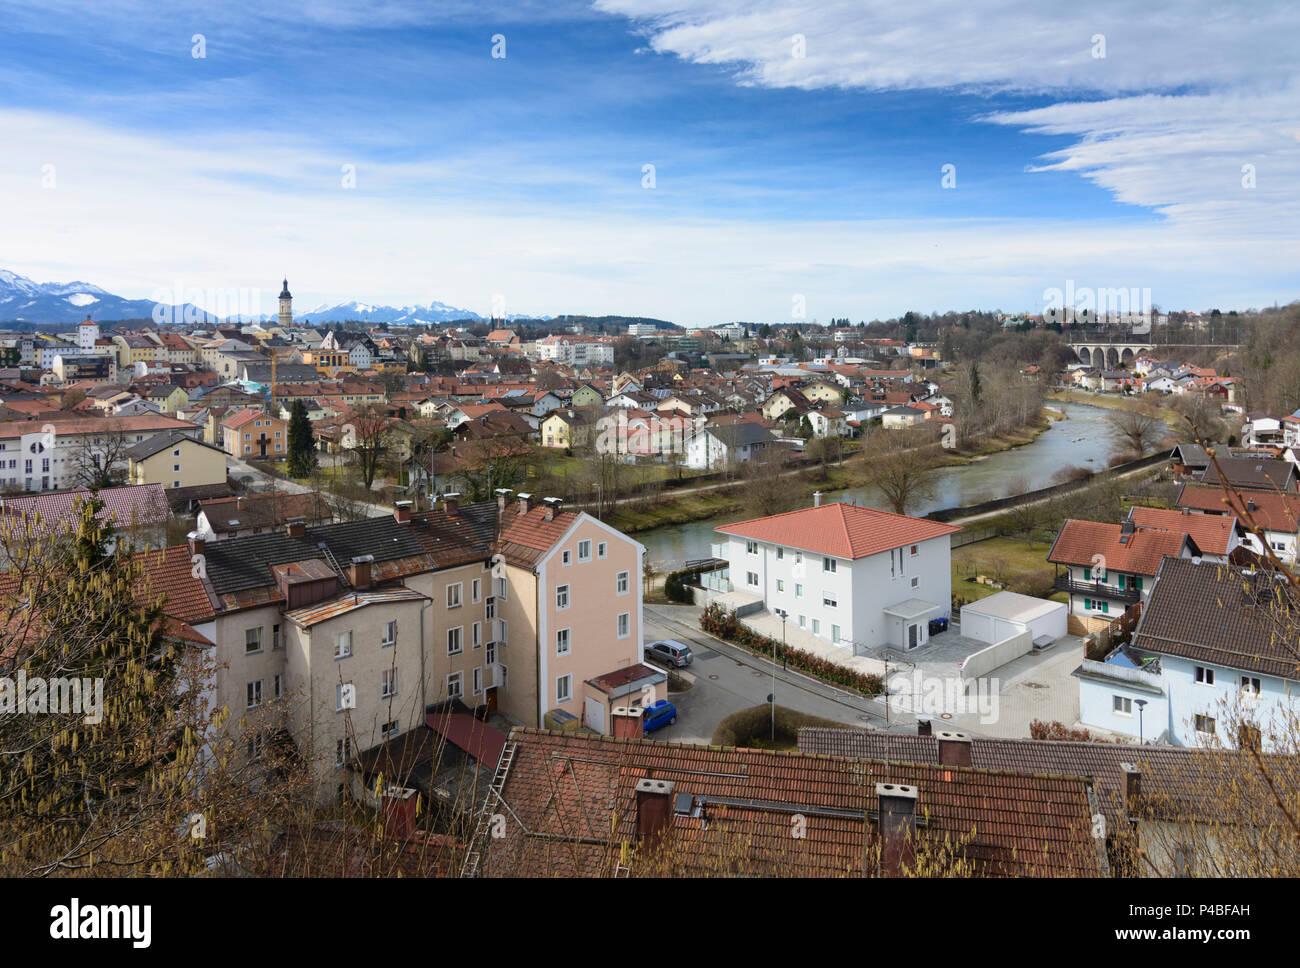 Traunstein, city center of Traunstein, Alps, river Traun, Oberbayern, Rupertiwinkel, Upper Bavaria, Bavaria, Germany - Stock Image